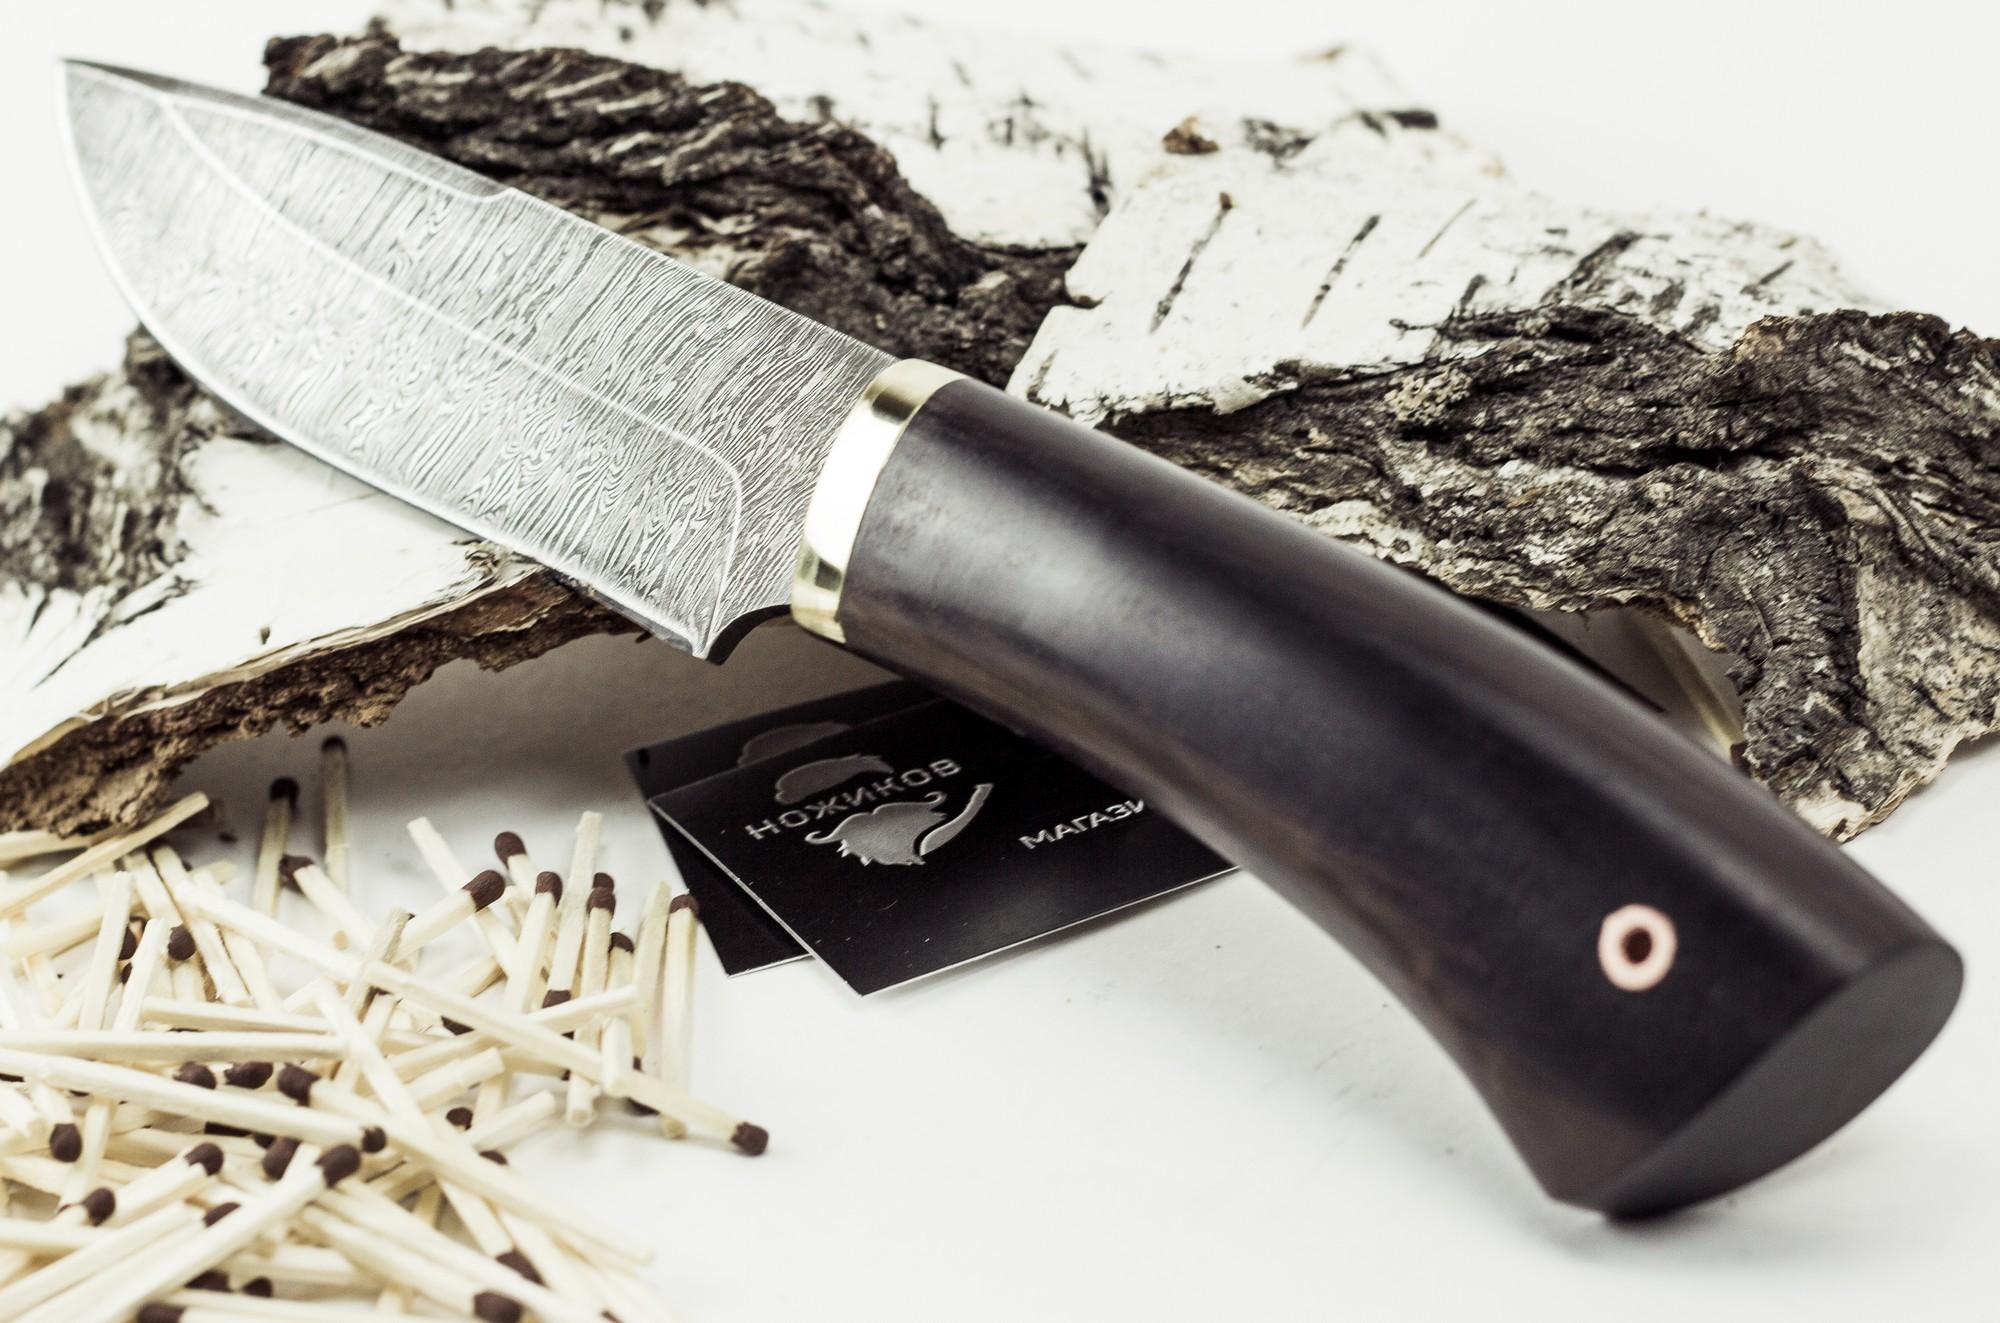 Фото 3 - Нож Старатель, дамасская сталь от Промтехснаб